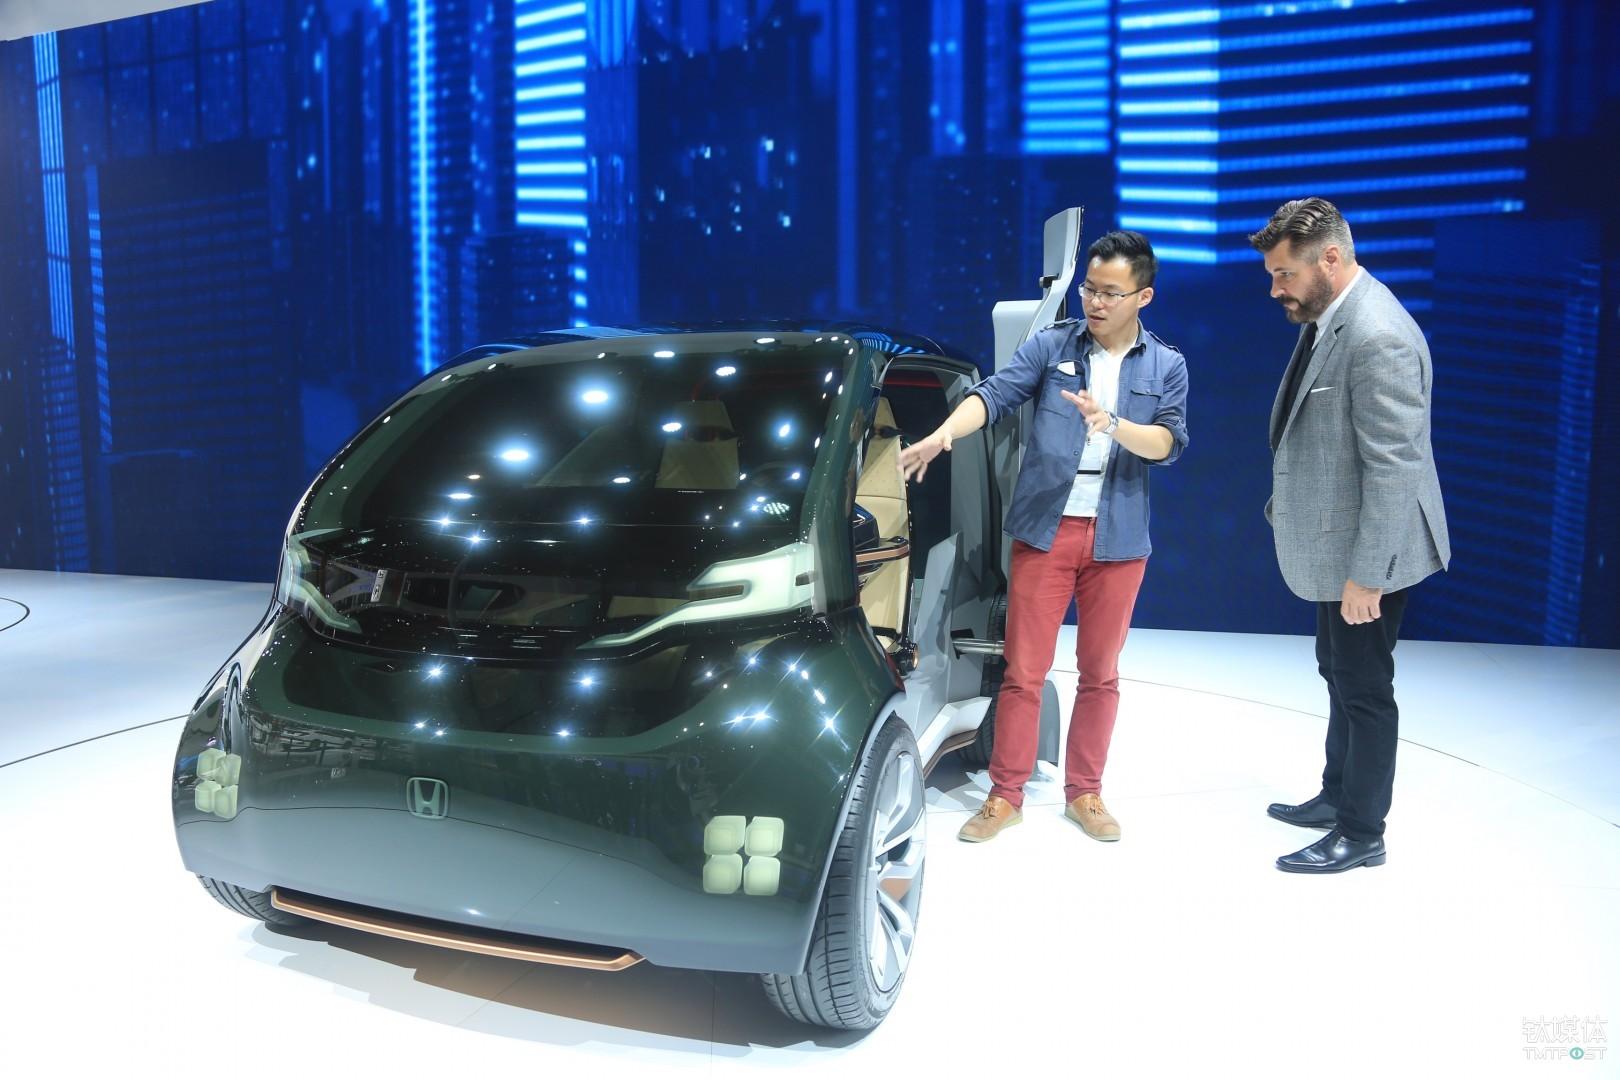 鈦媒體記者(左)現場同Jirad(右)體驗Honda概念車,(右)